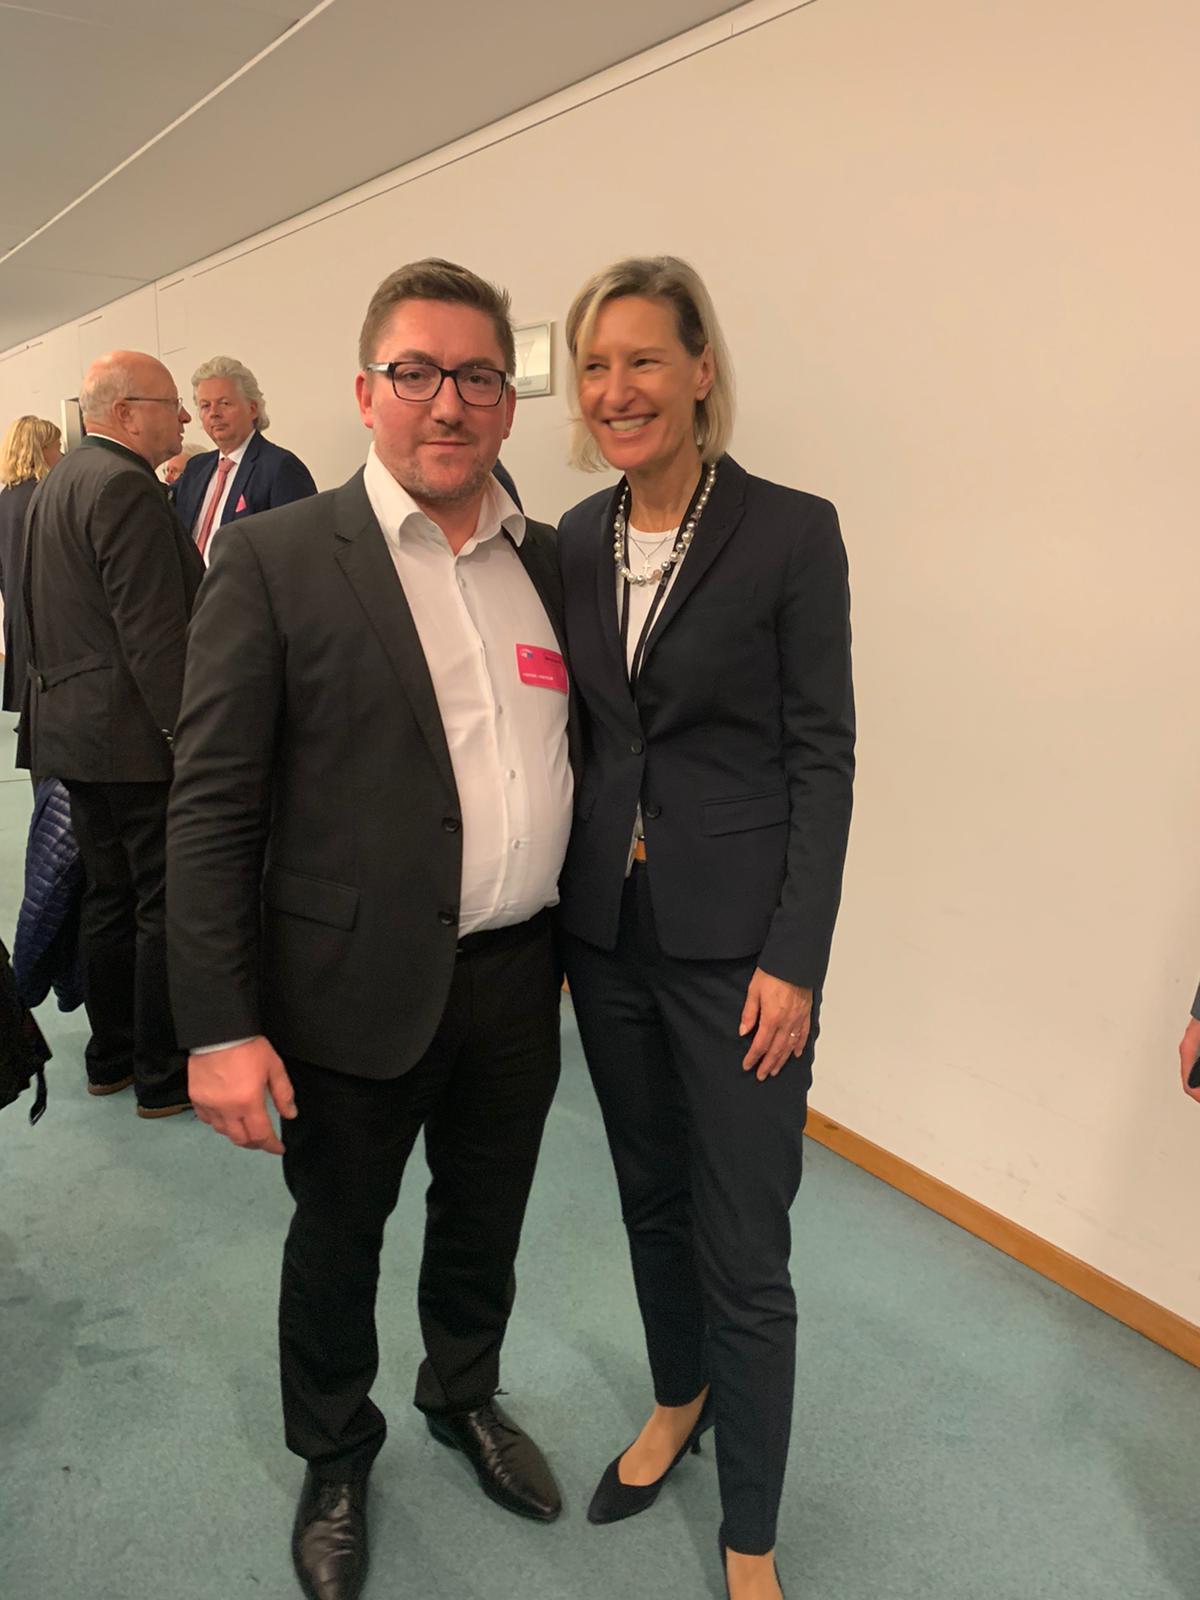 BRSI Asienexperte Till Suplika mit Frau Prof. Angelika Niebler, Mitglied des Europäischen Parlaments